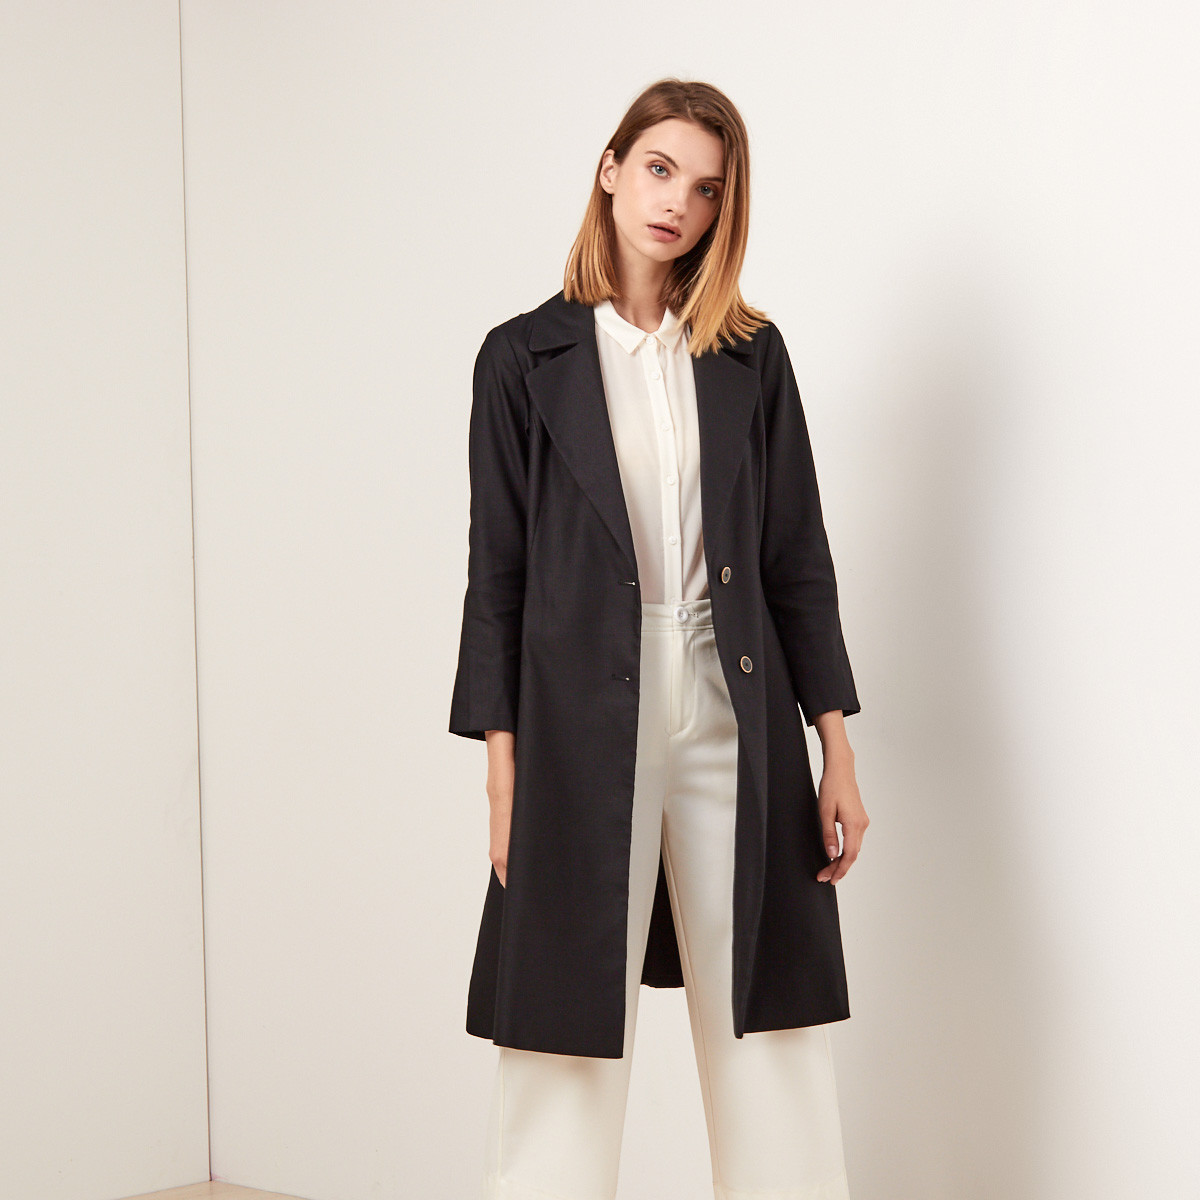 [转载]坚持自然优雅的设计戈蔓婷品牌女装让你在穿着中魅力四射